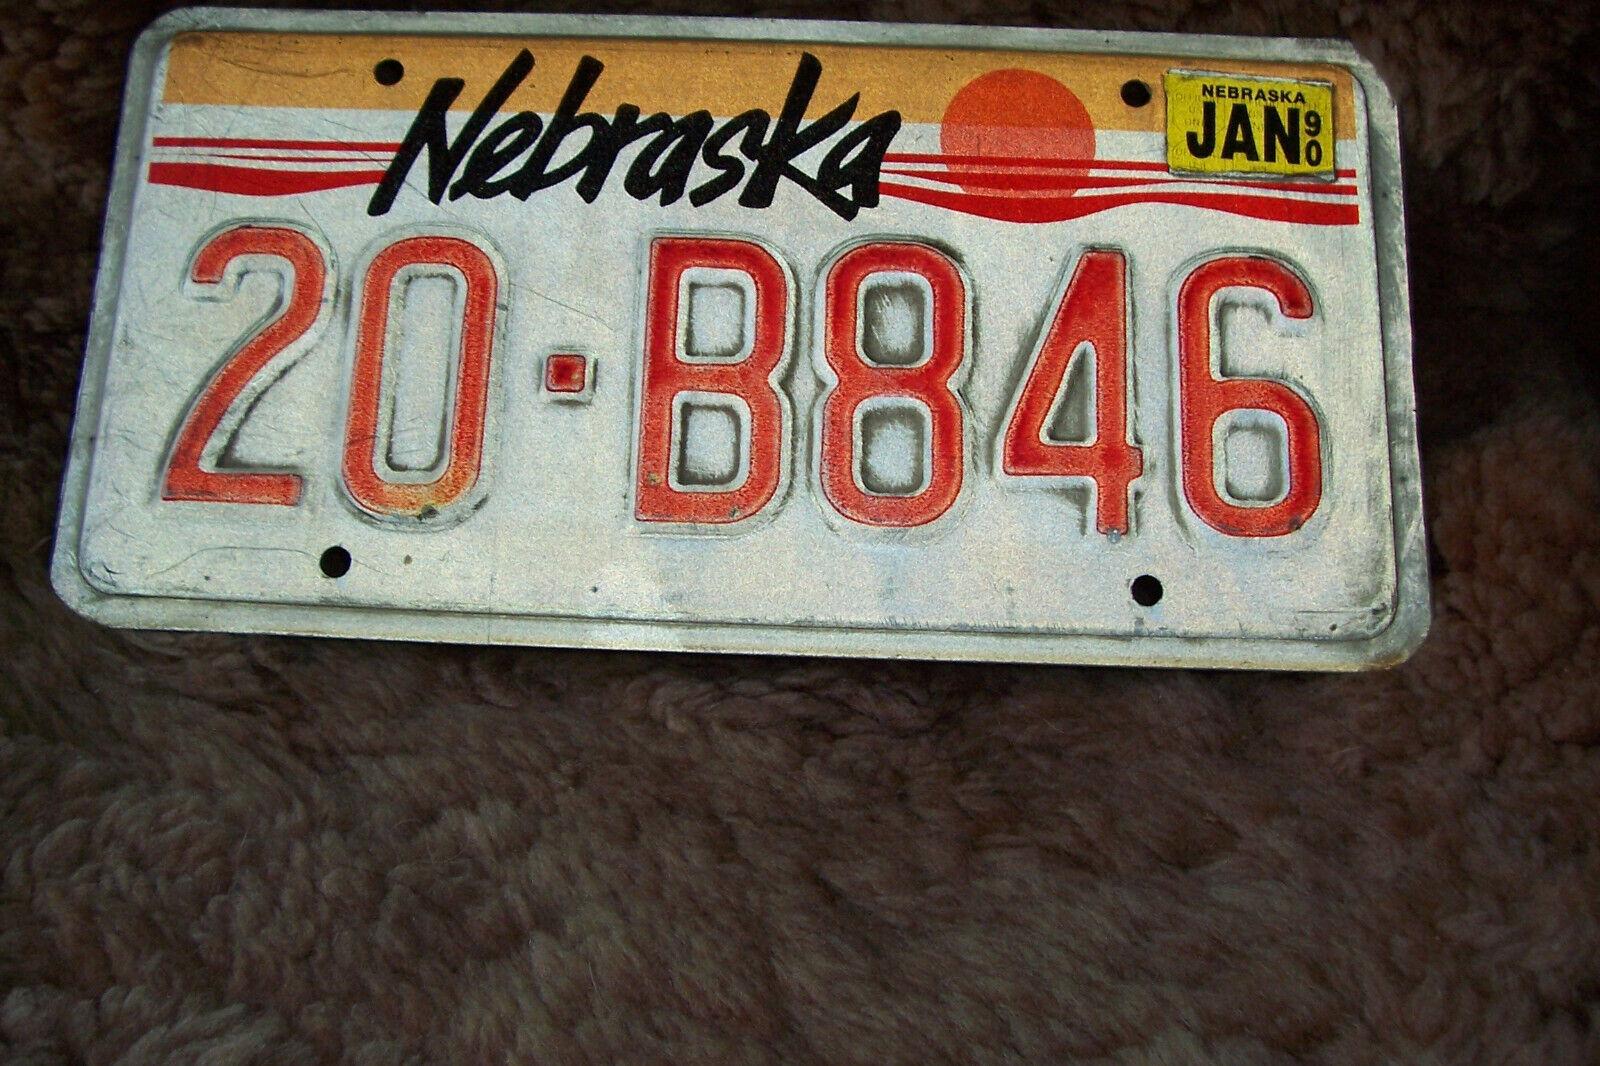 Nebraska Nummernschild - 30 Jahre alt - original license plate aus den USA